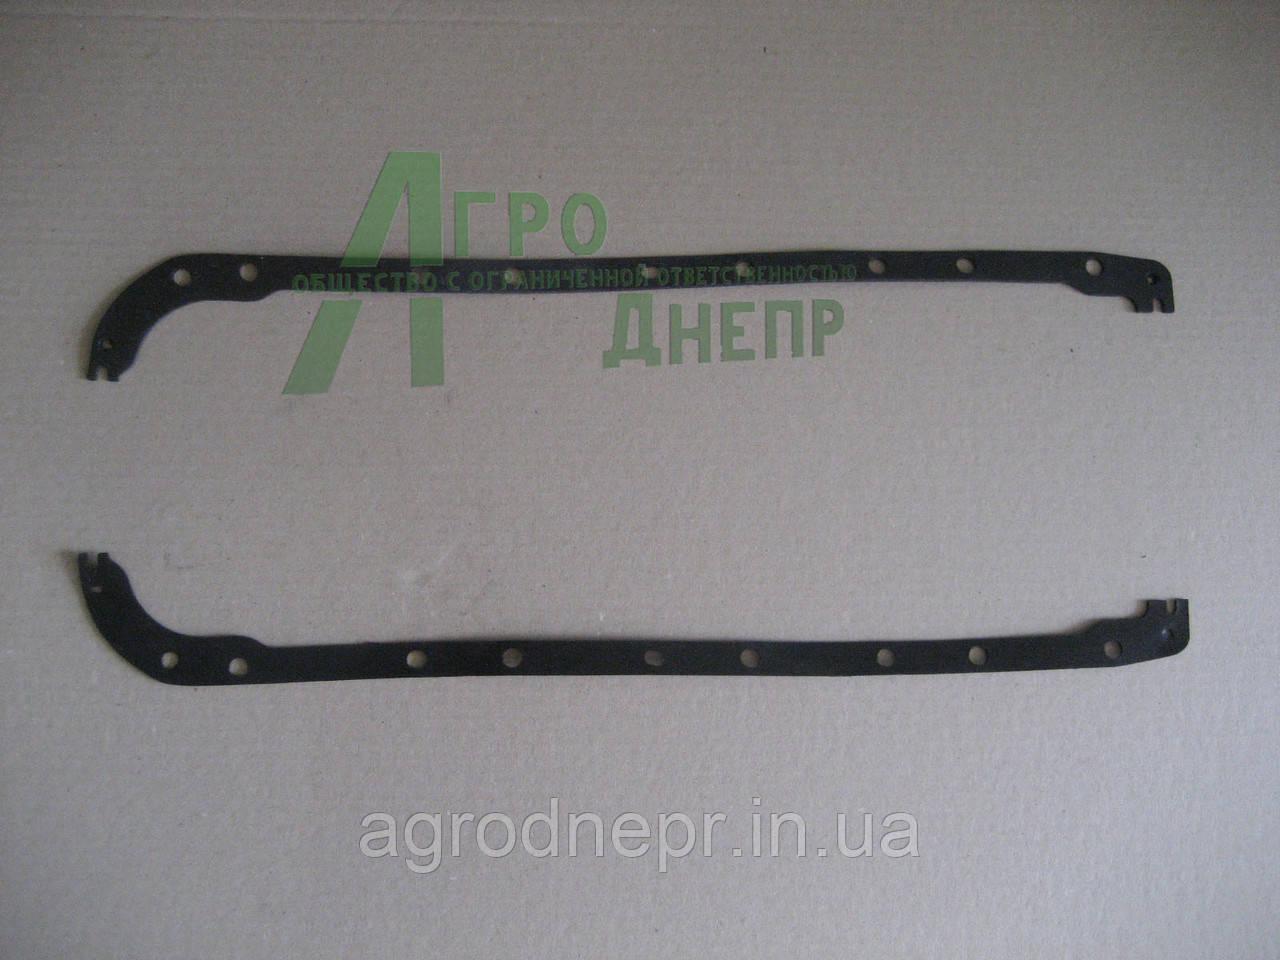 Прокладка картера масляного Д-240 50-1401063 Резинопробка